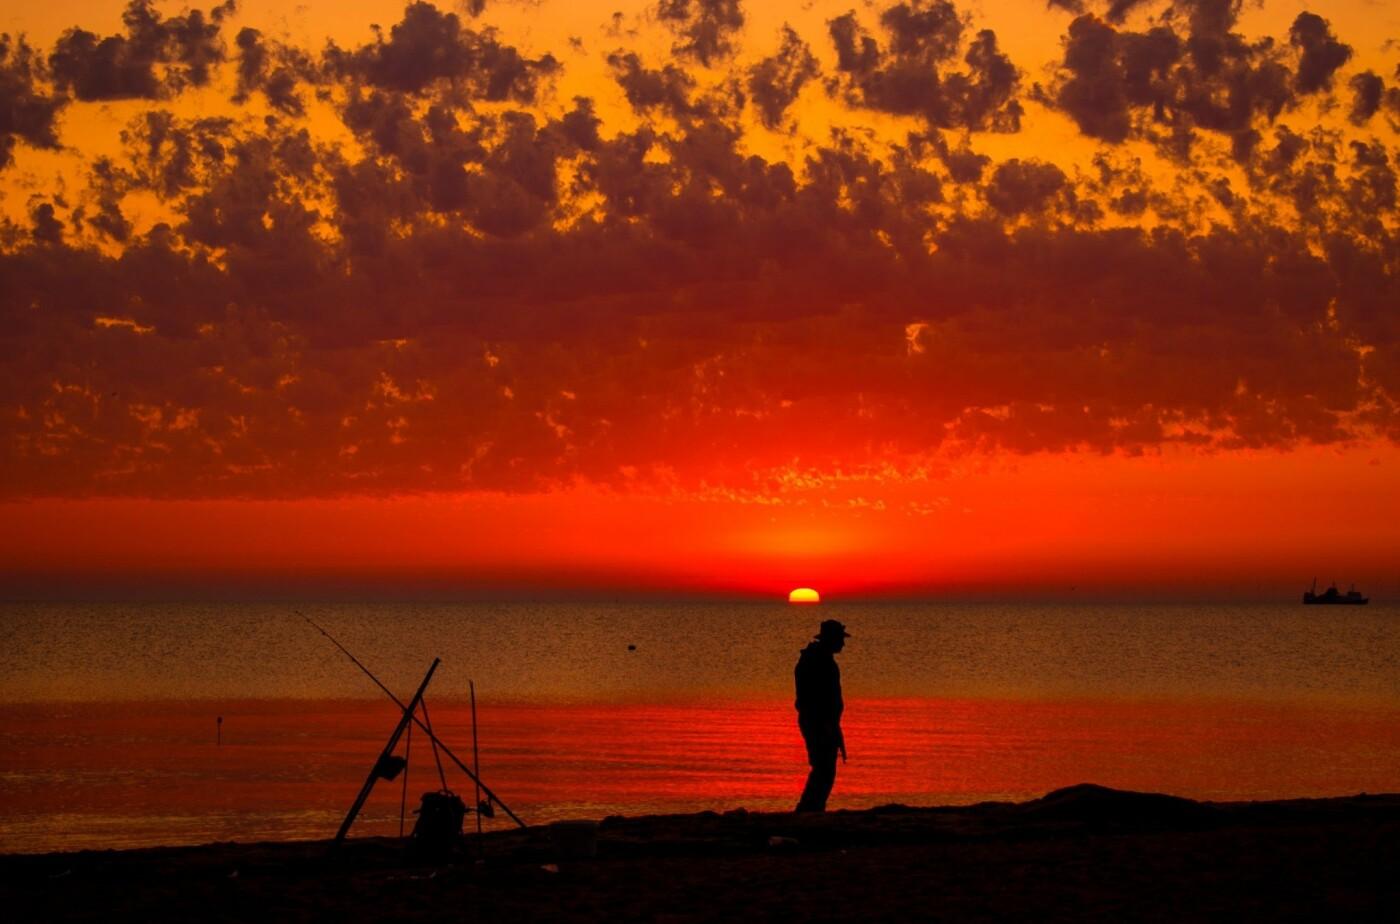 Мудрость от 06153: где красивые закаты, там лучший отдых - ВИДЕО, ФОТО, фото-11, Юлия Покас